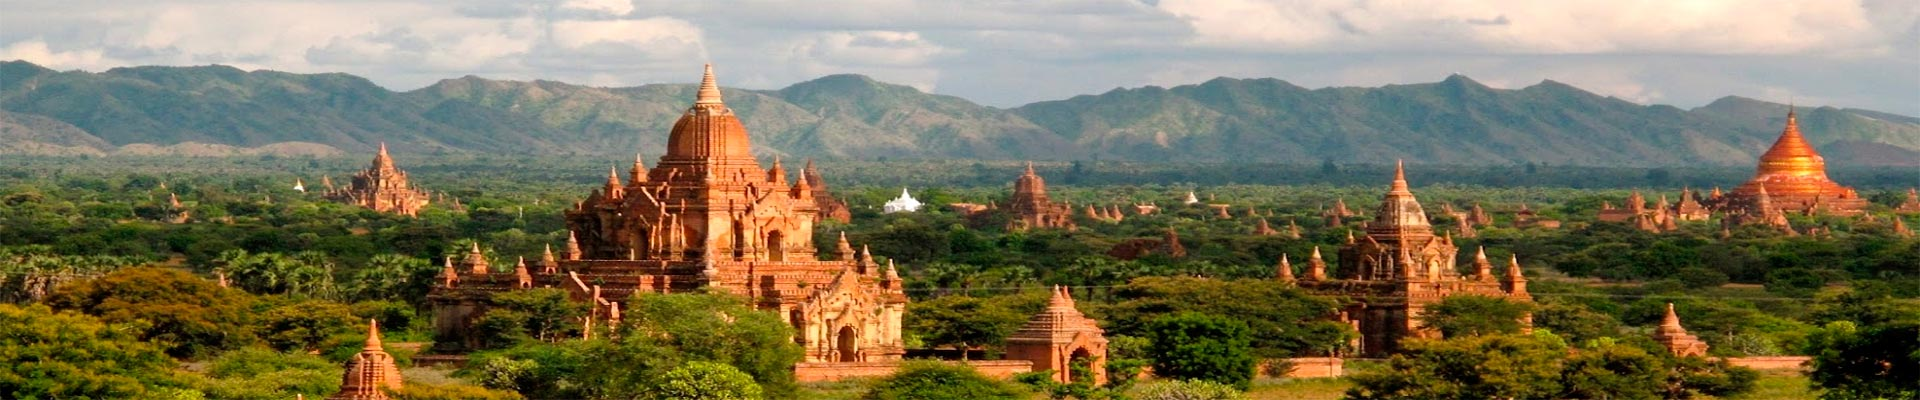 Naypyidaw, Myanmar